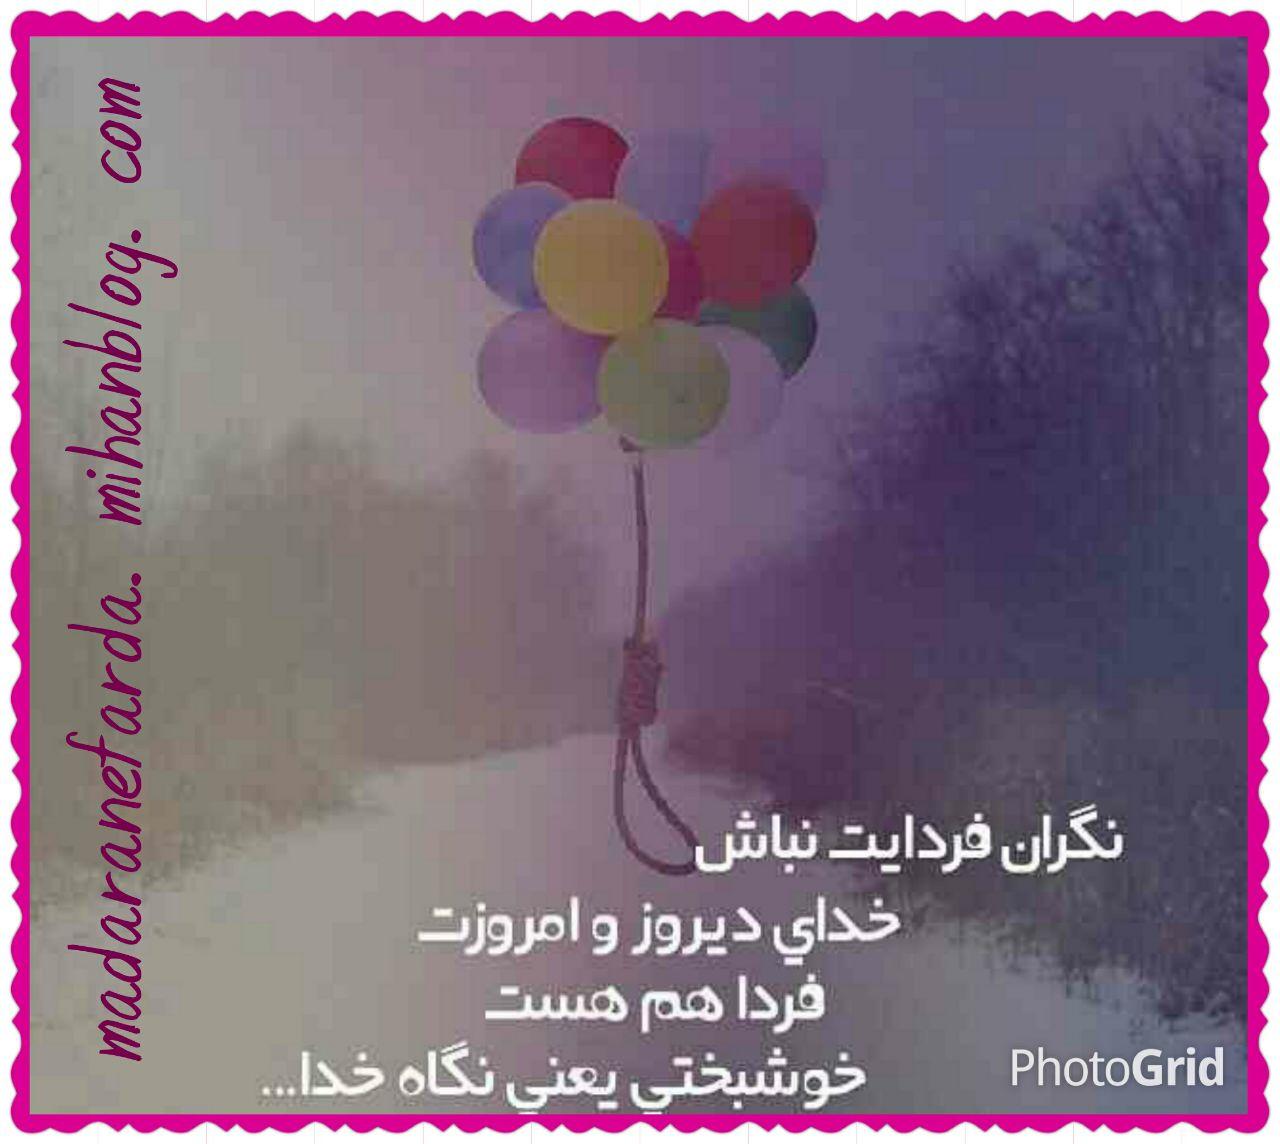 http://uupload.ir/files/v6vl_811710620_31295.jpg